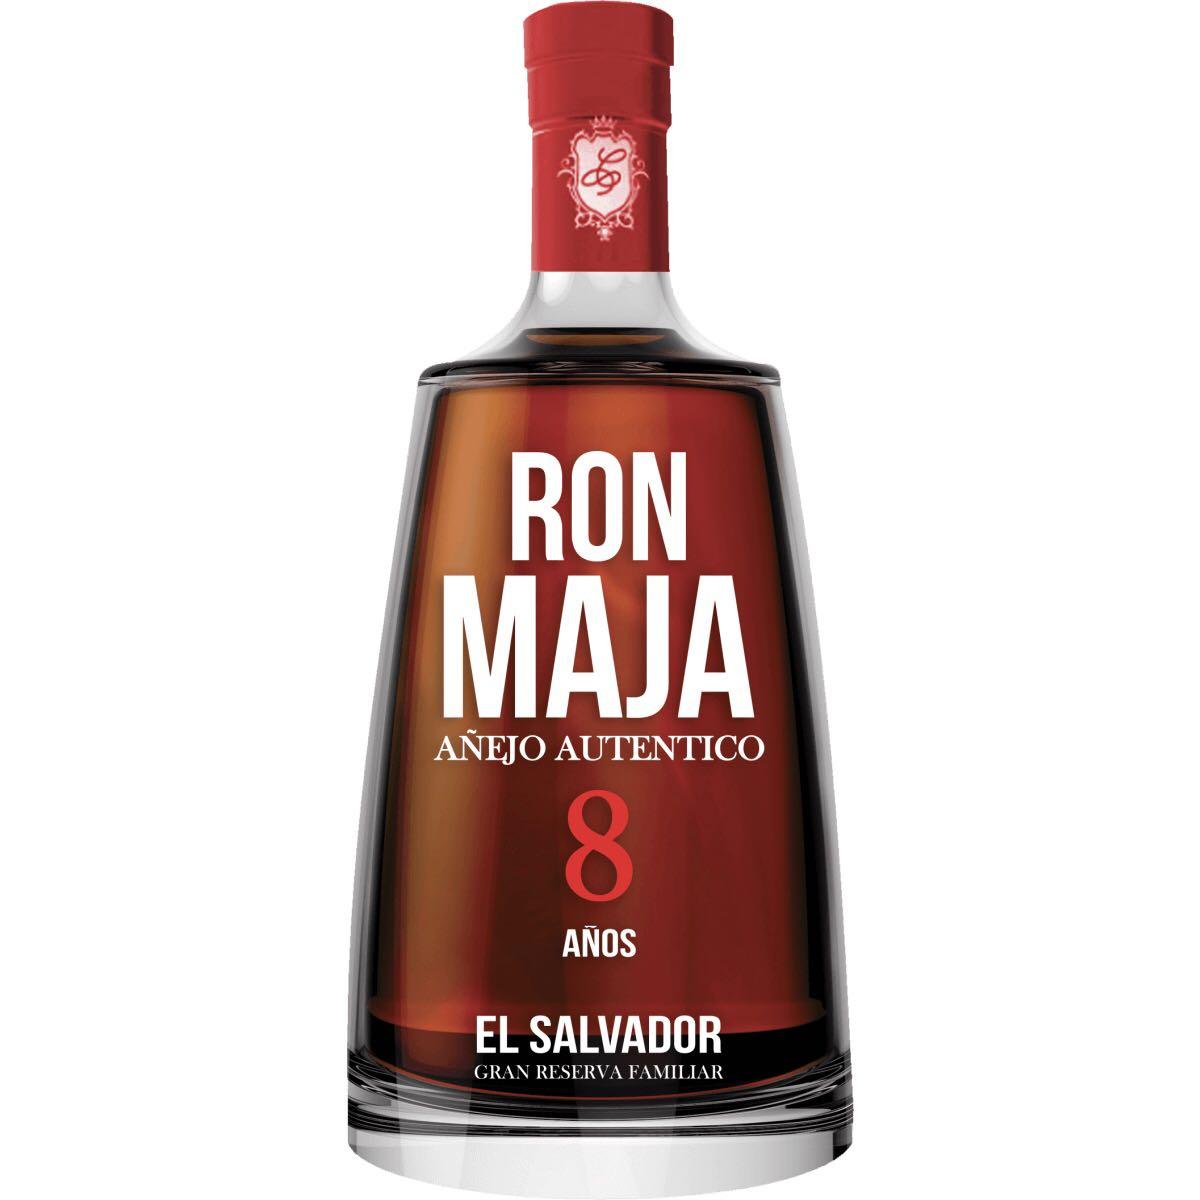 Bottle image of Ron Maja 8 Años